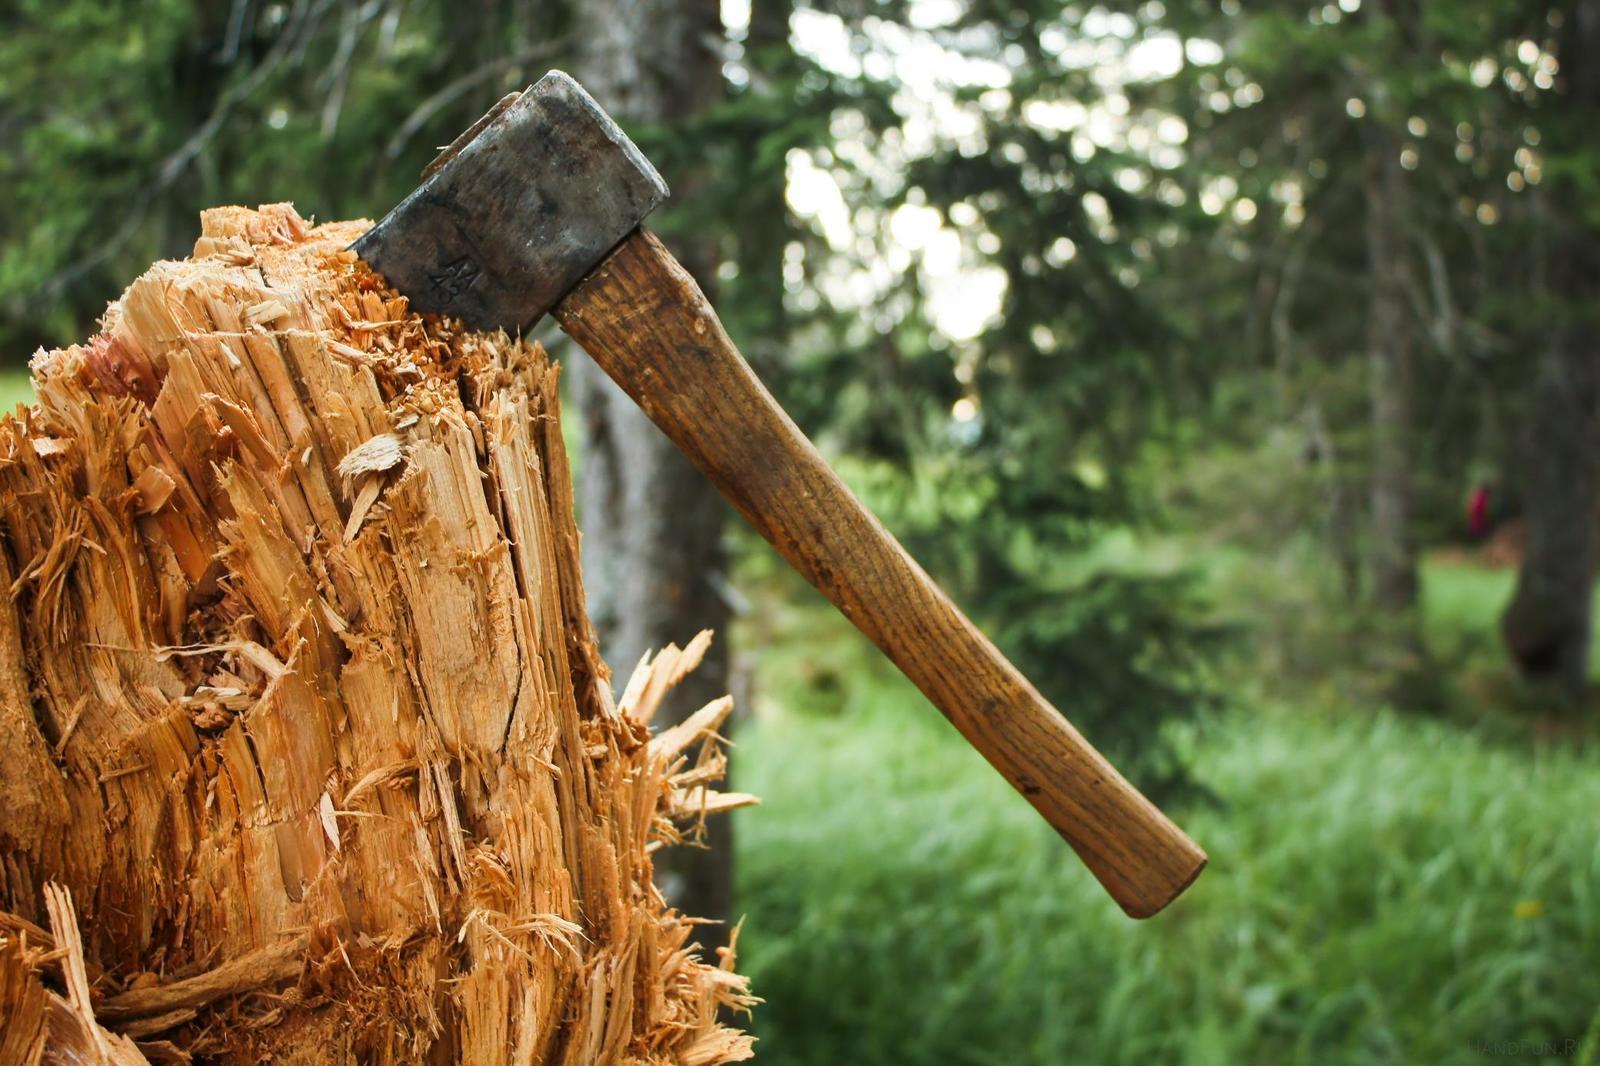 Брянского лесничего осудили за незаконную вырубку деревьев